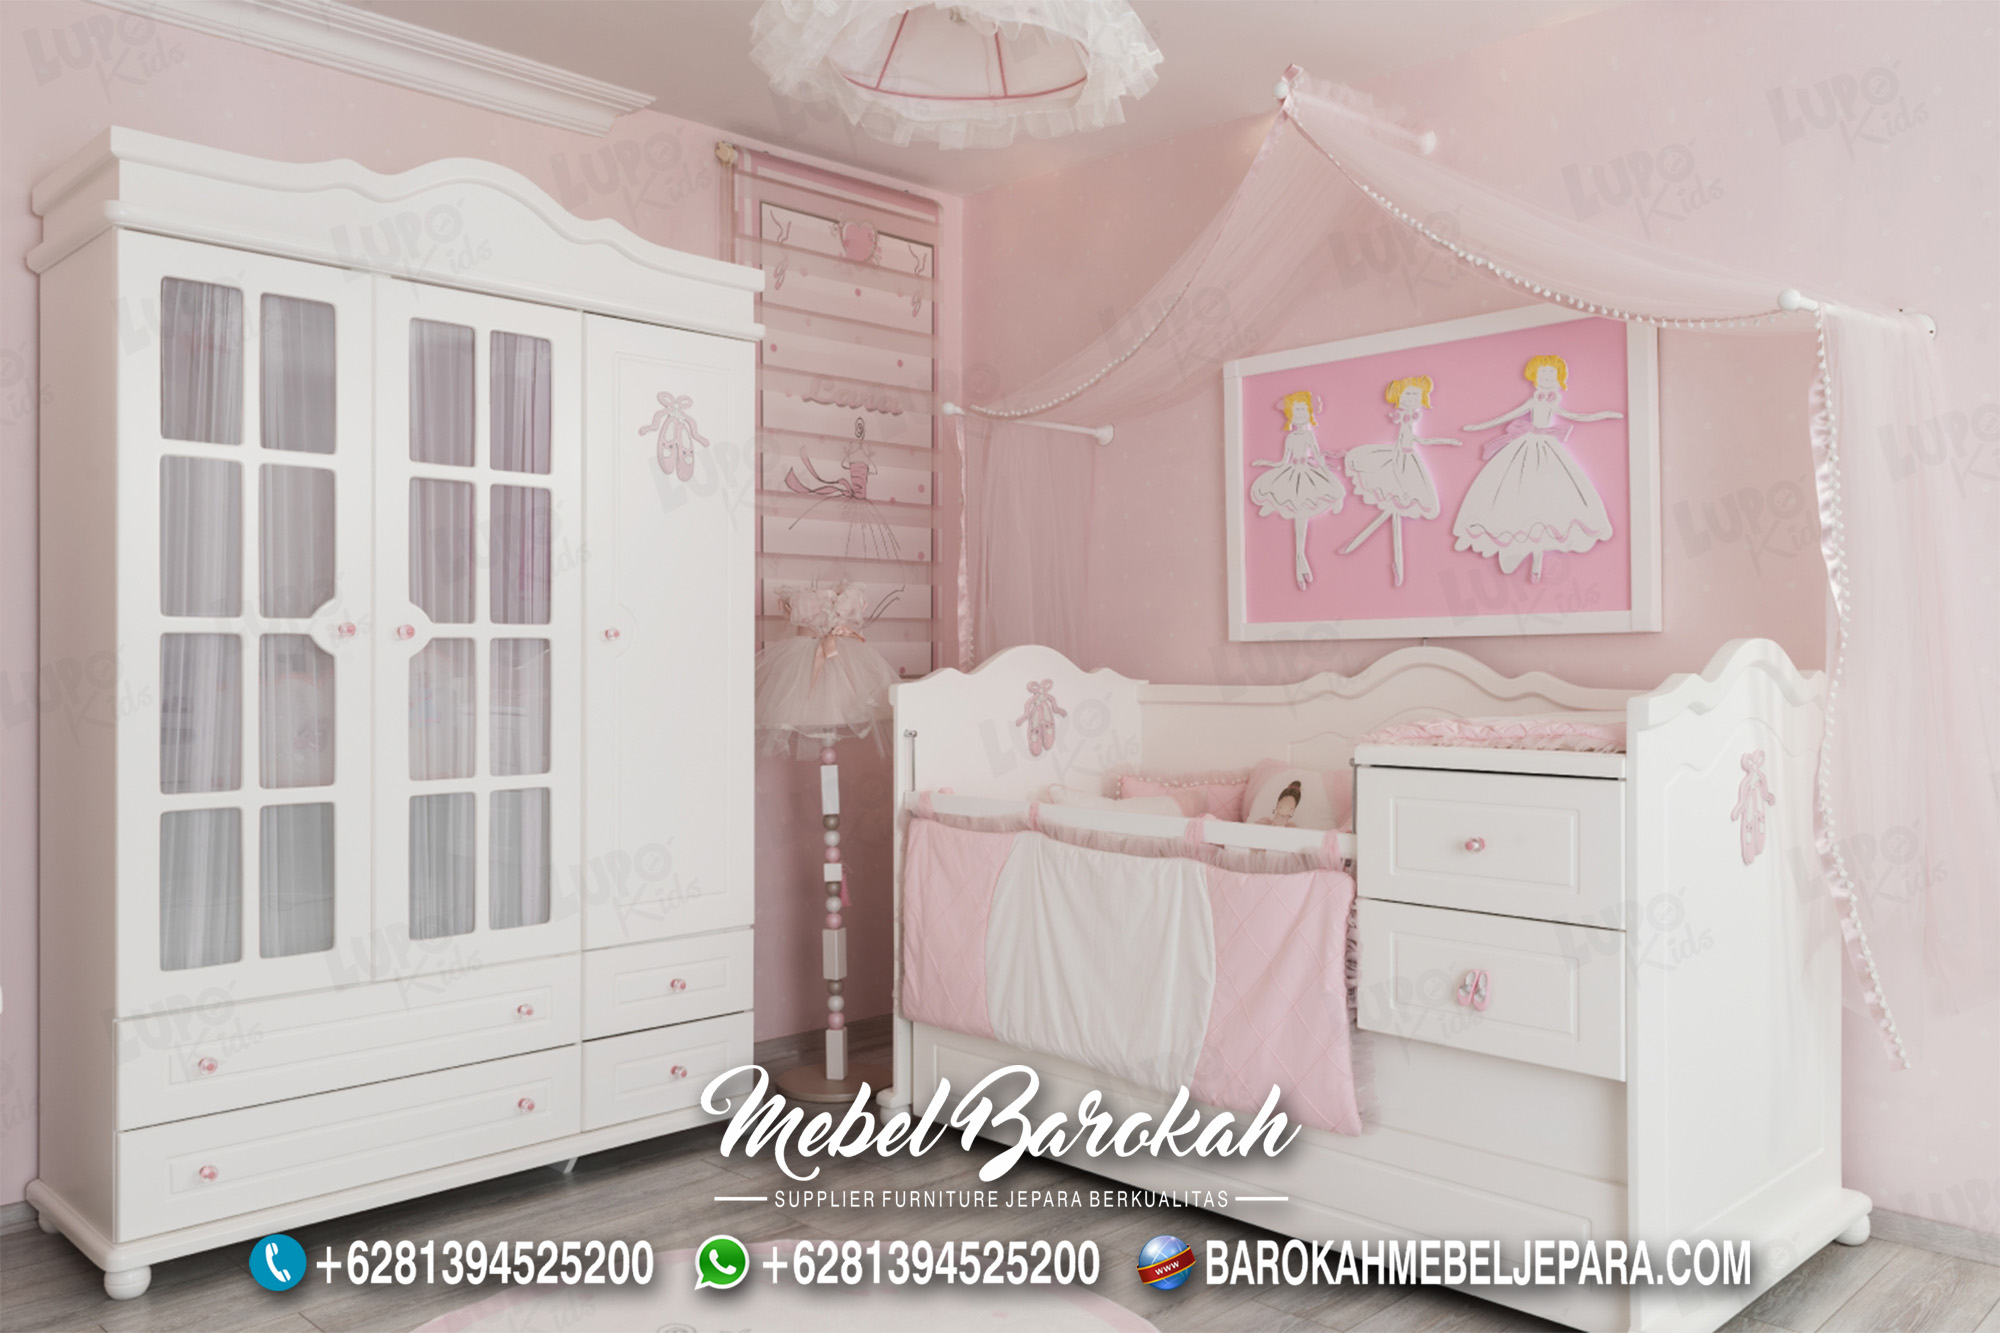 Dekorasi Kamar Bayi Yang Cantik & Nyaman MB-599